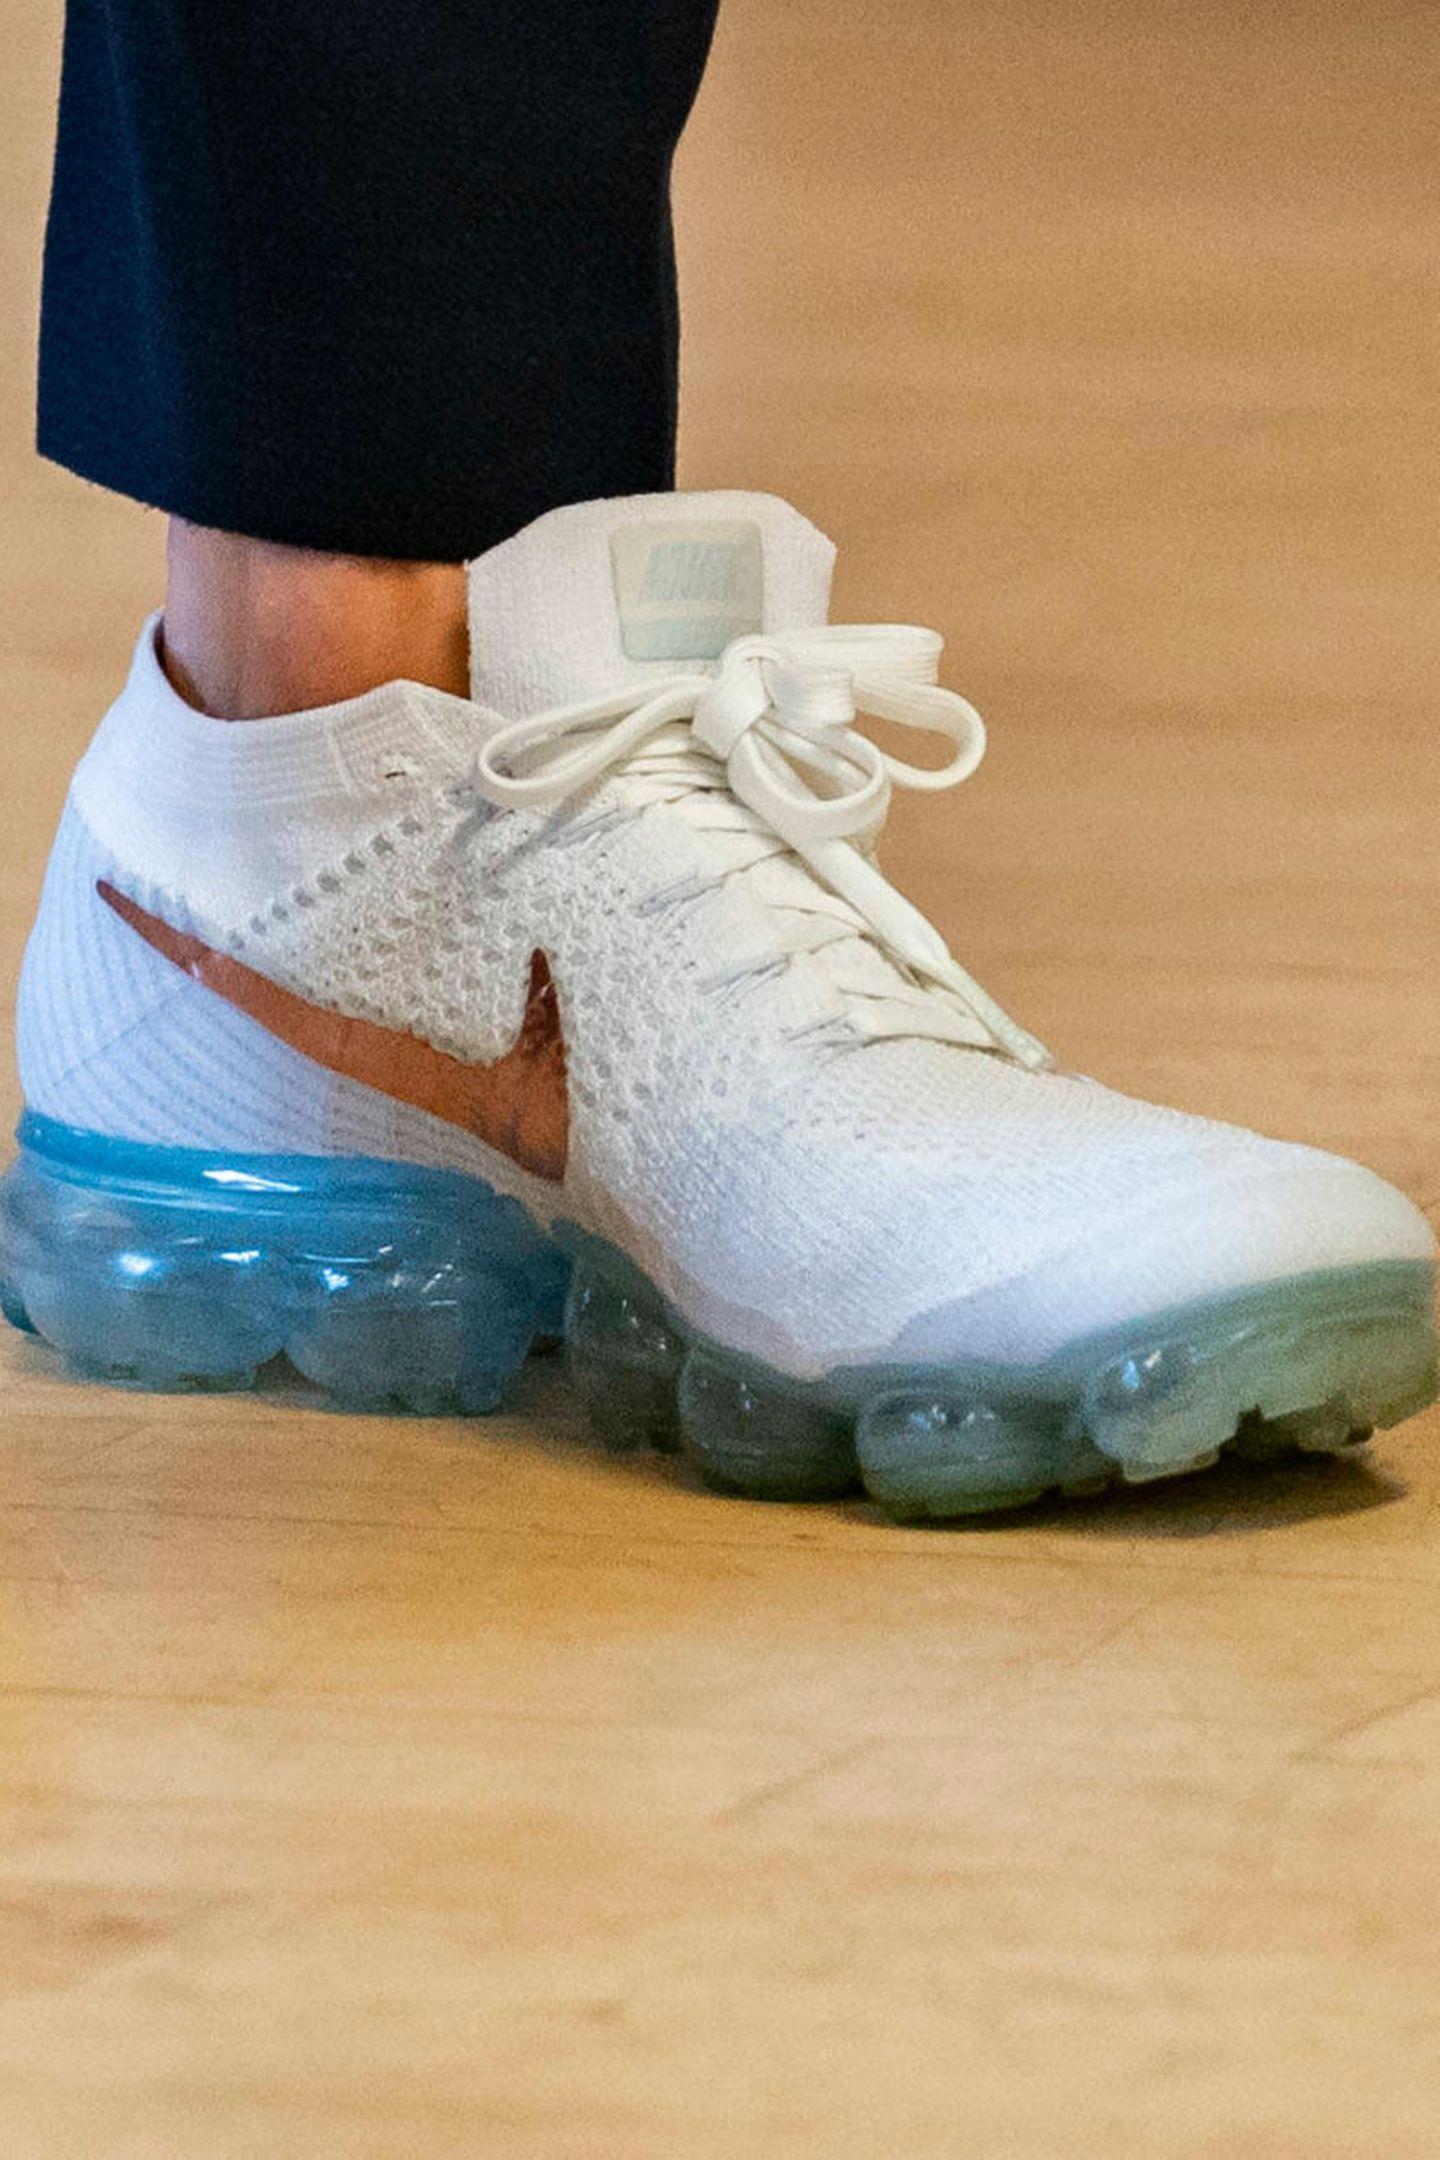 ... die super coolen und sehr auffälligen Vapormax Flyknit Sneaker von Nike trägt.